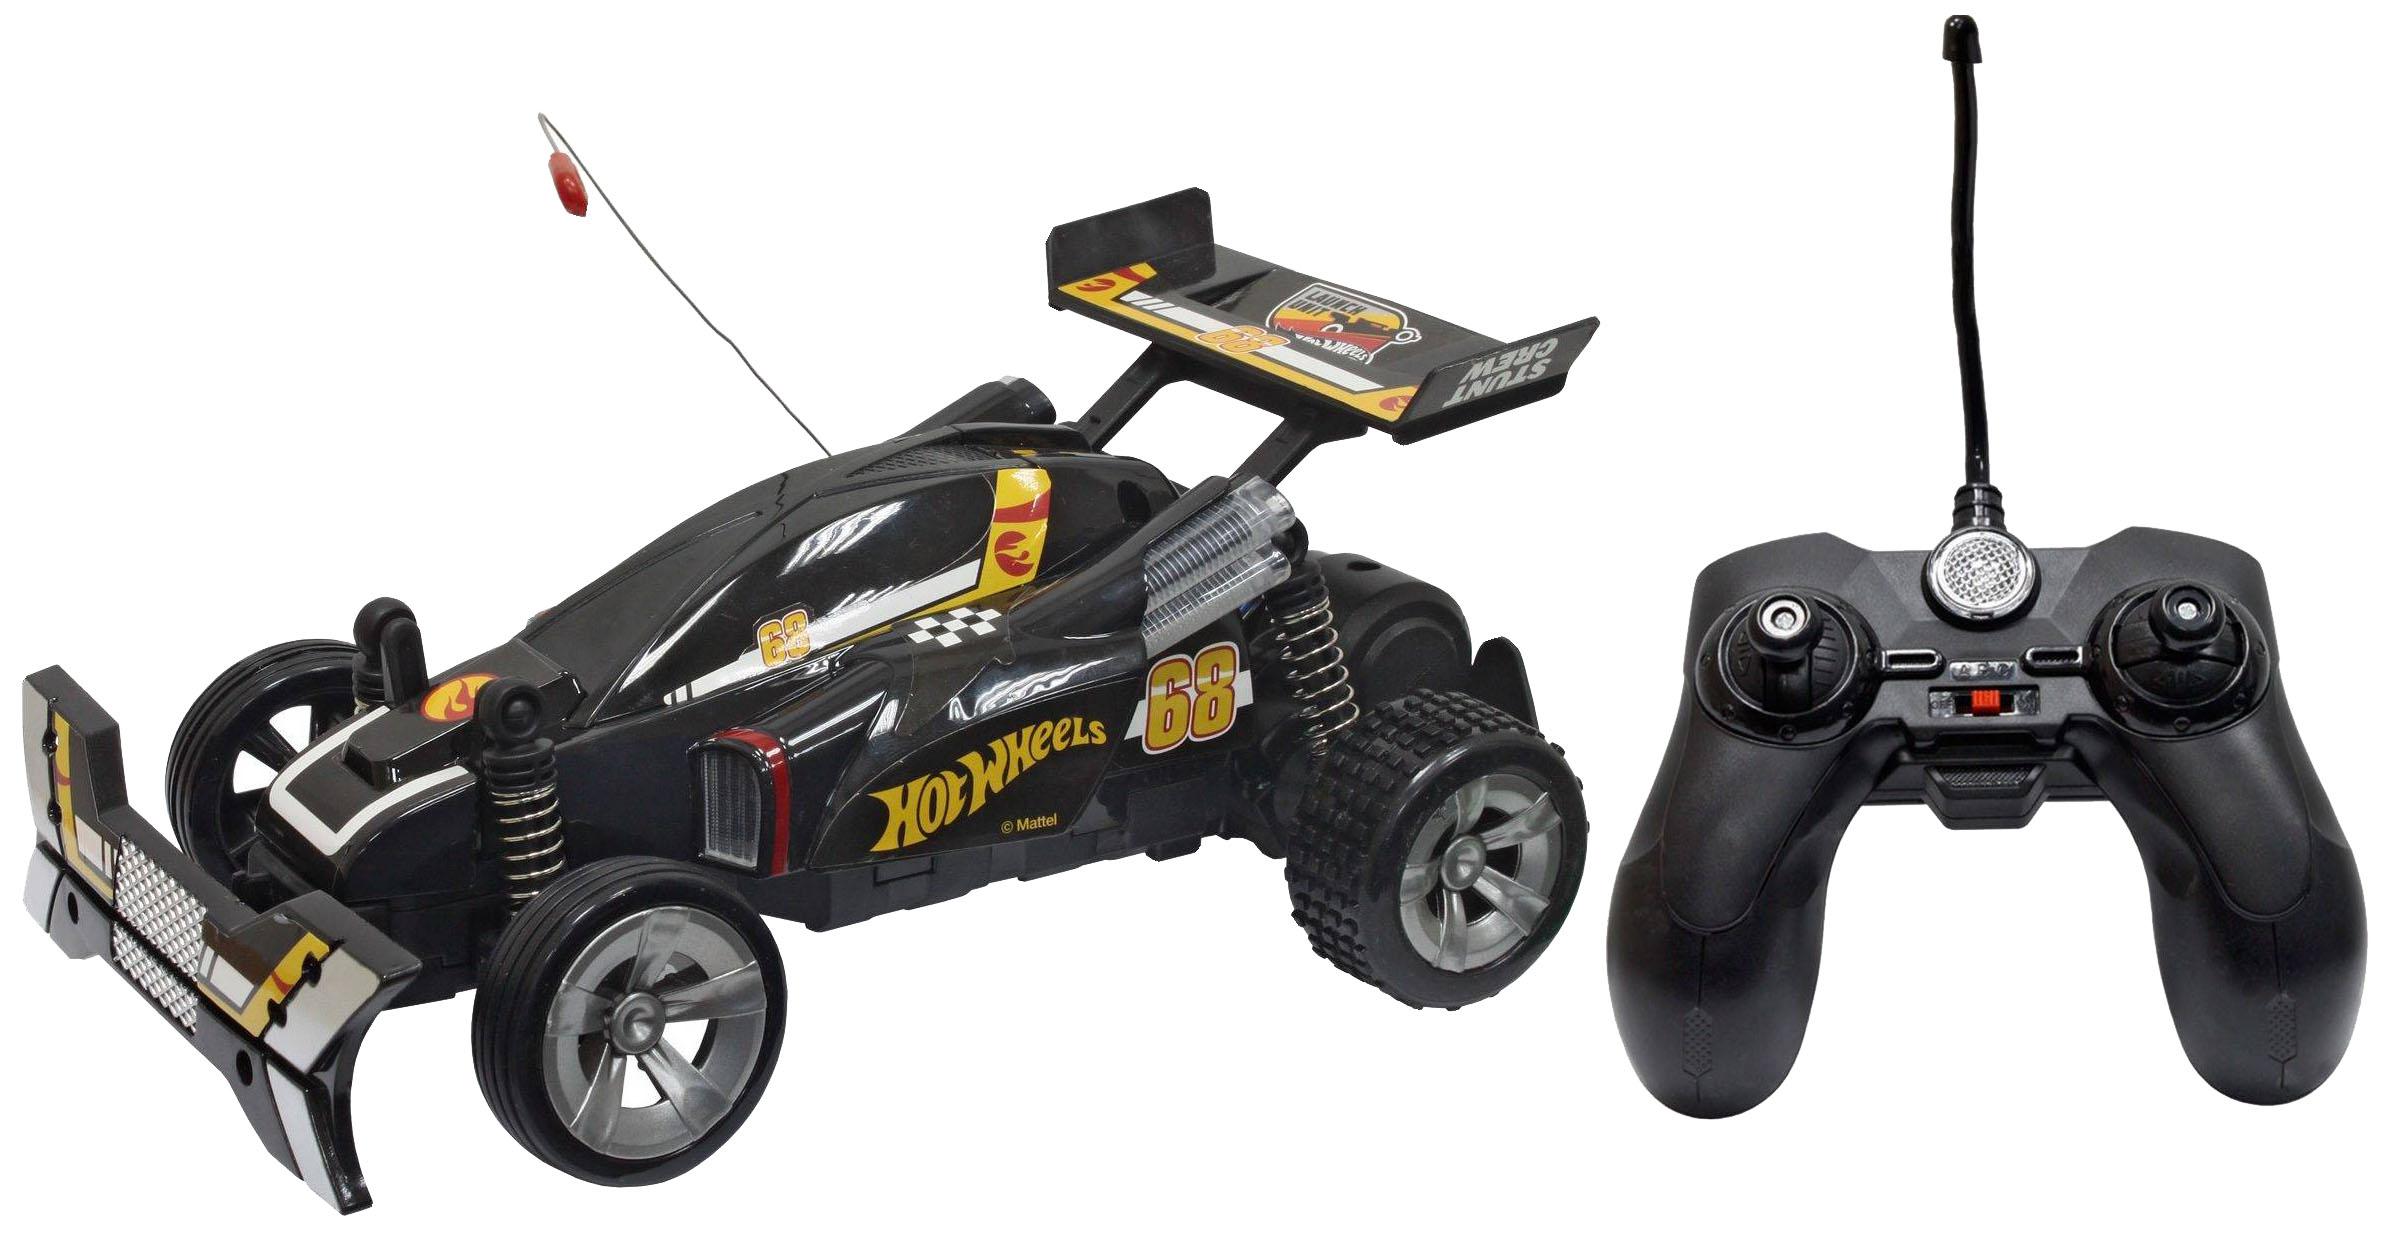 Купить Радиоуправляемая машинка 1 TOY Hot Wheels Багги 1:20 cо светом и звуком чёрная, Радиоуправляемые машинки